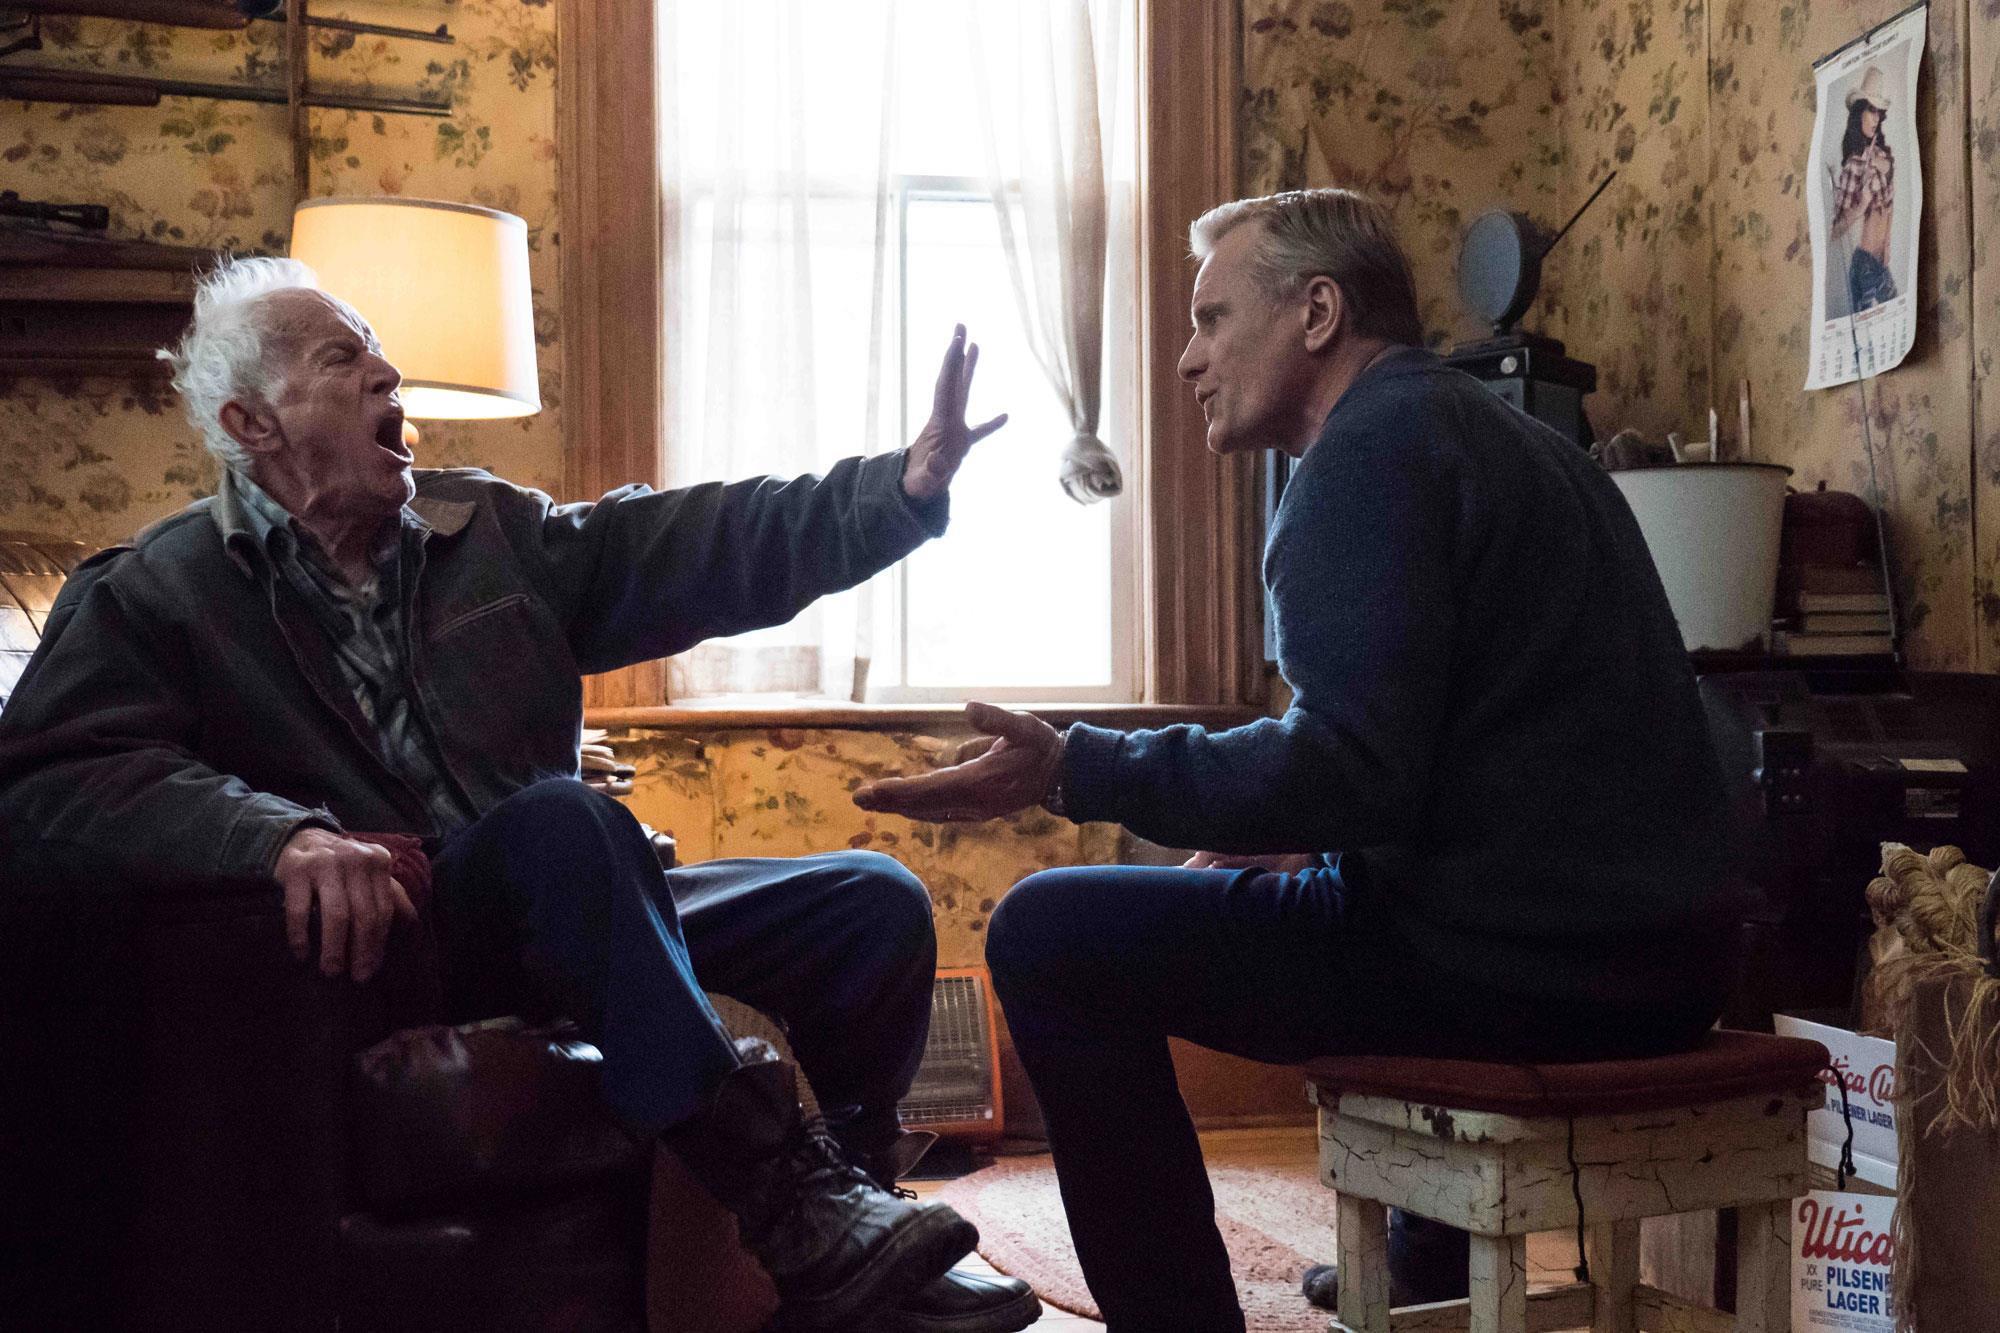 'Falling', el debut en la dirección de Viggo Mortensen, clausurará el Festival de Sundance 2020